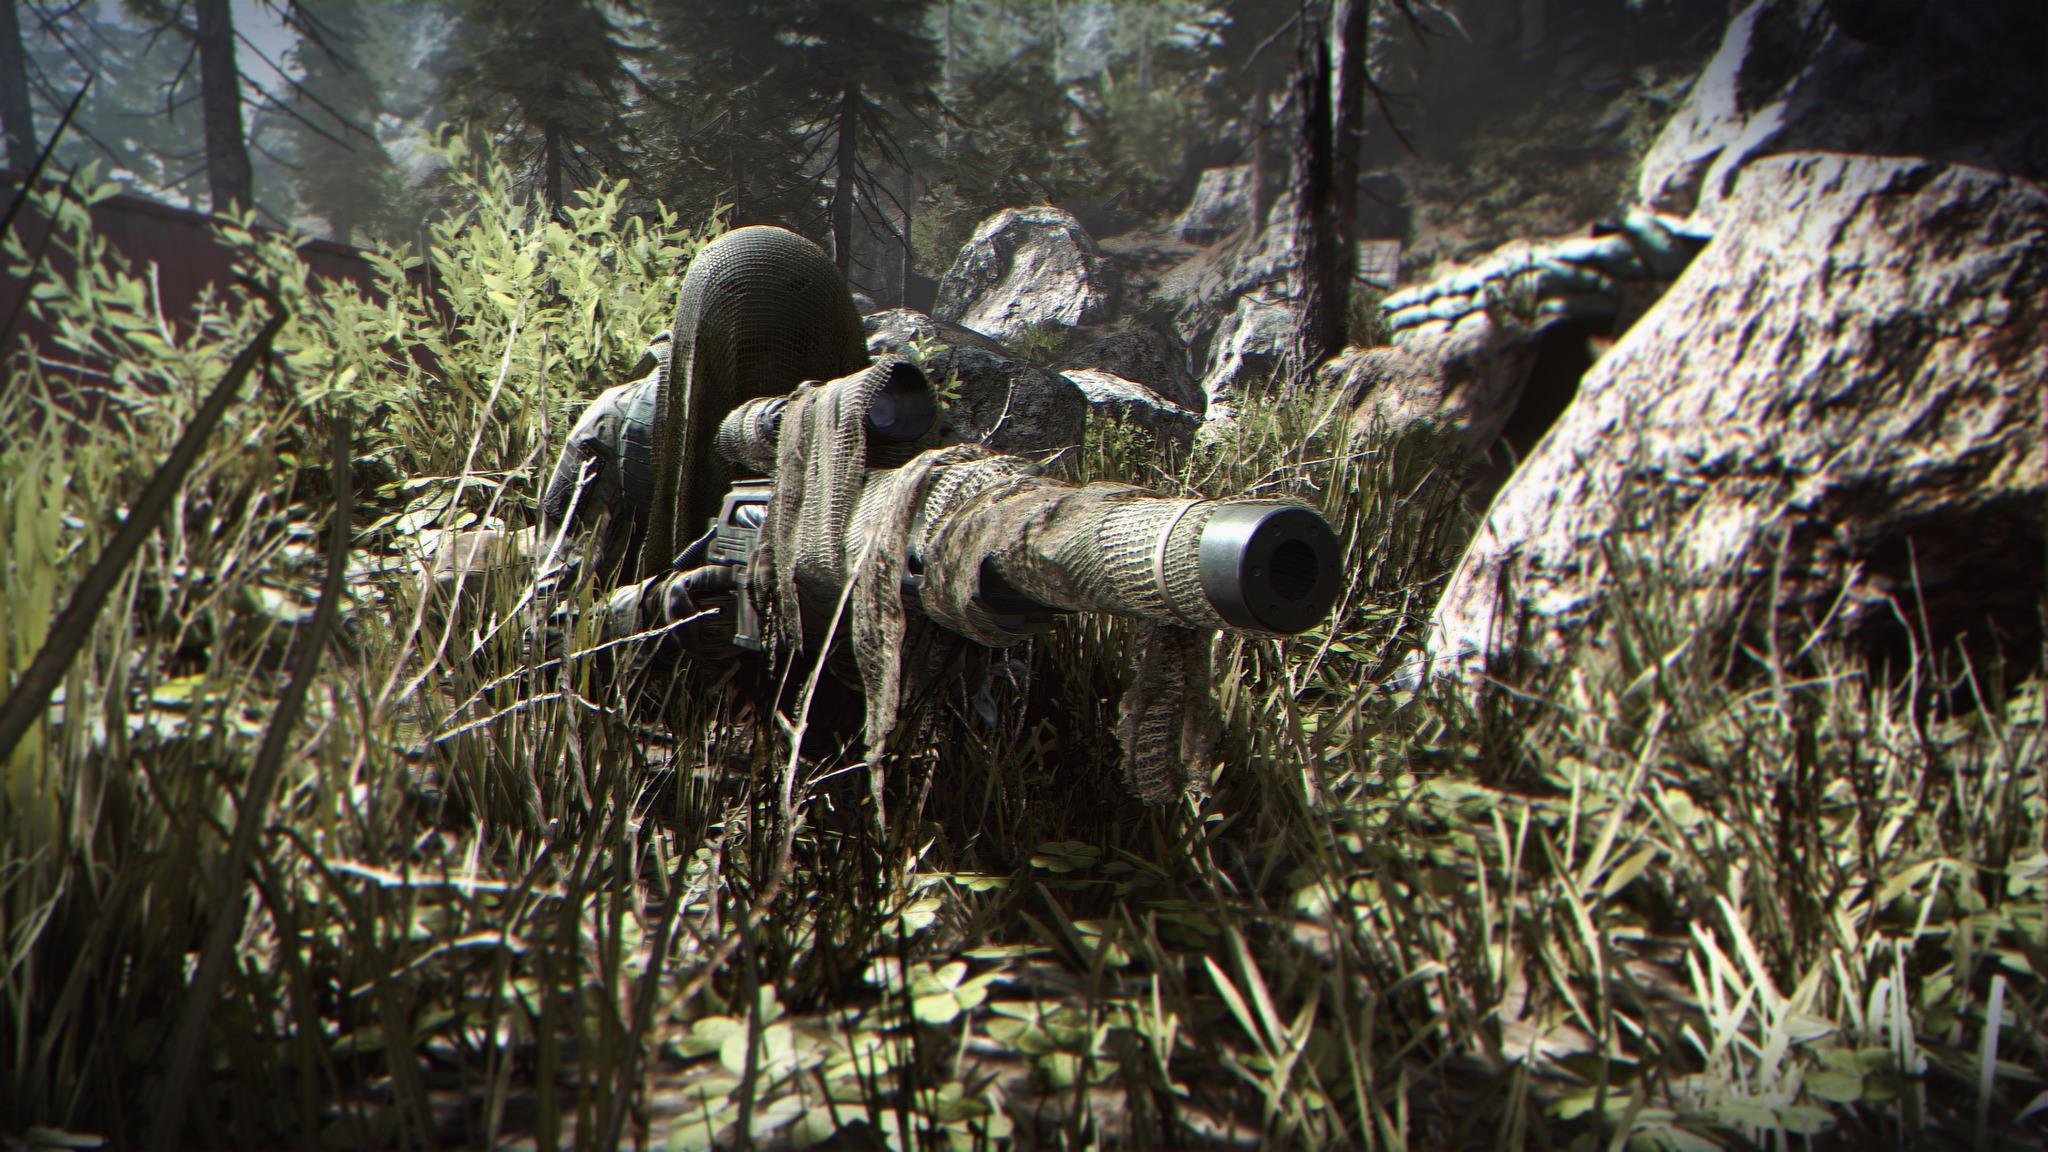 Call of Duty: Modern Warfare has a real shot at swaying